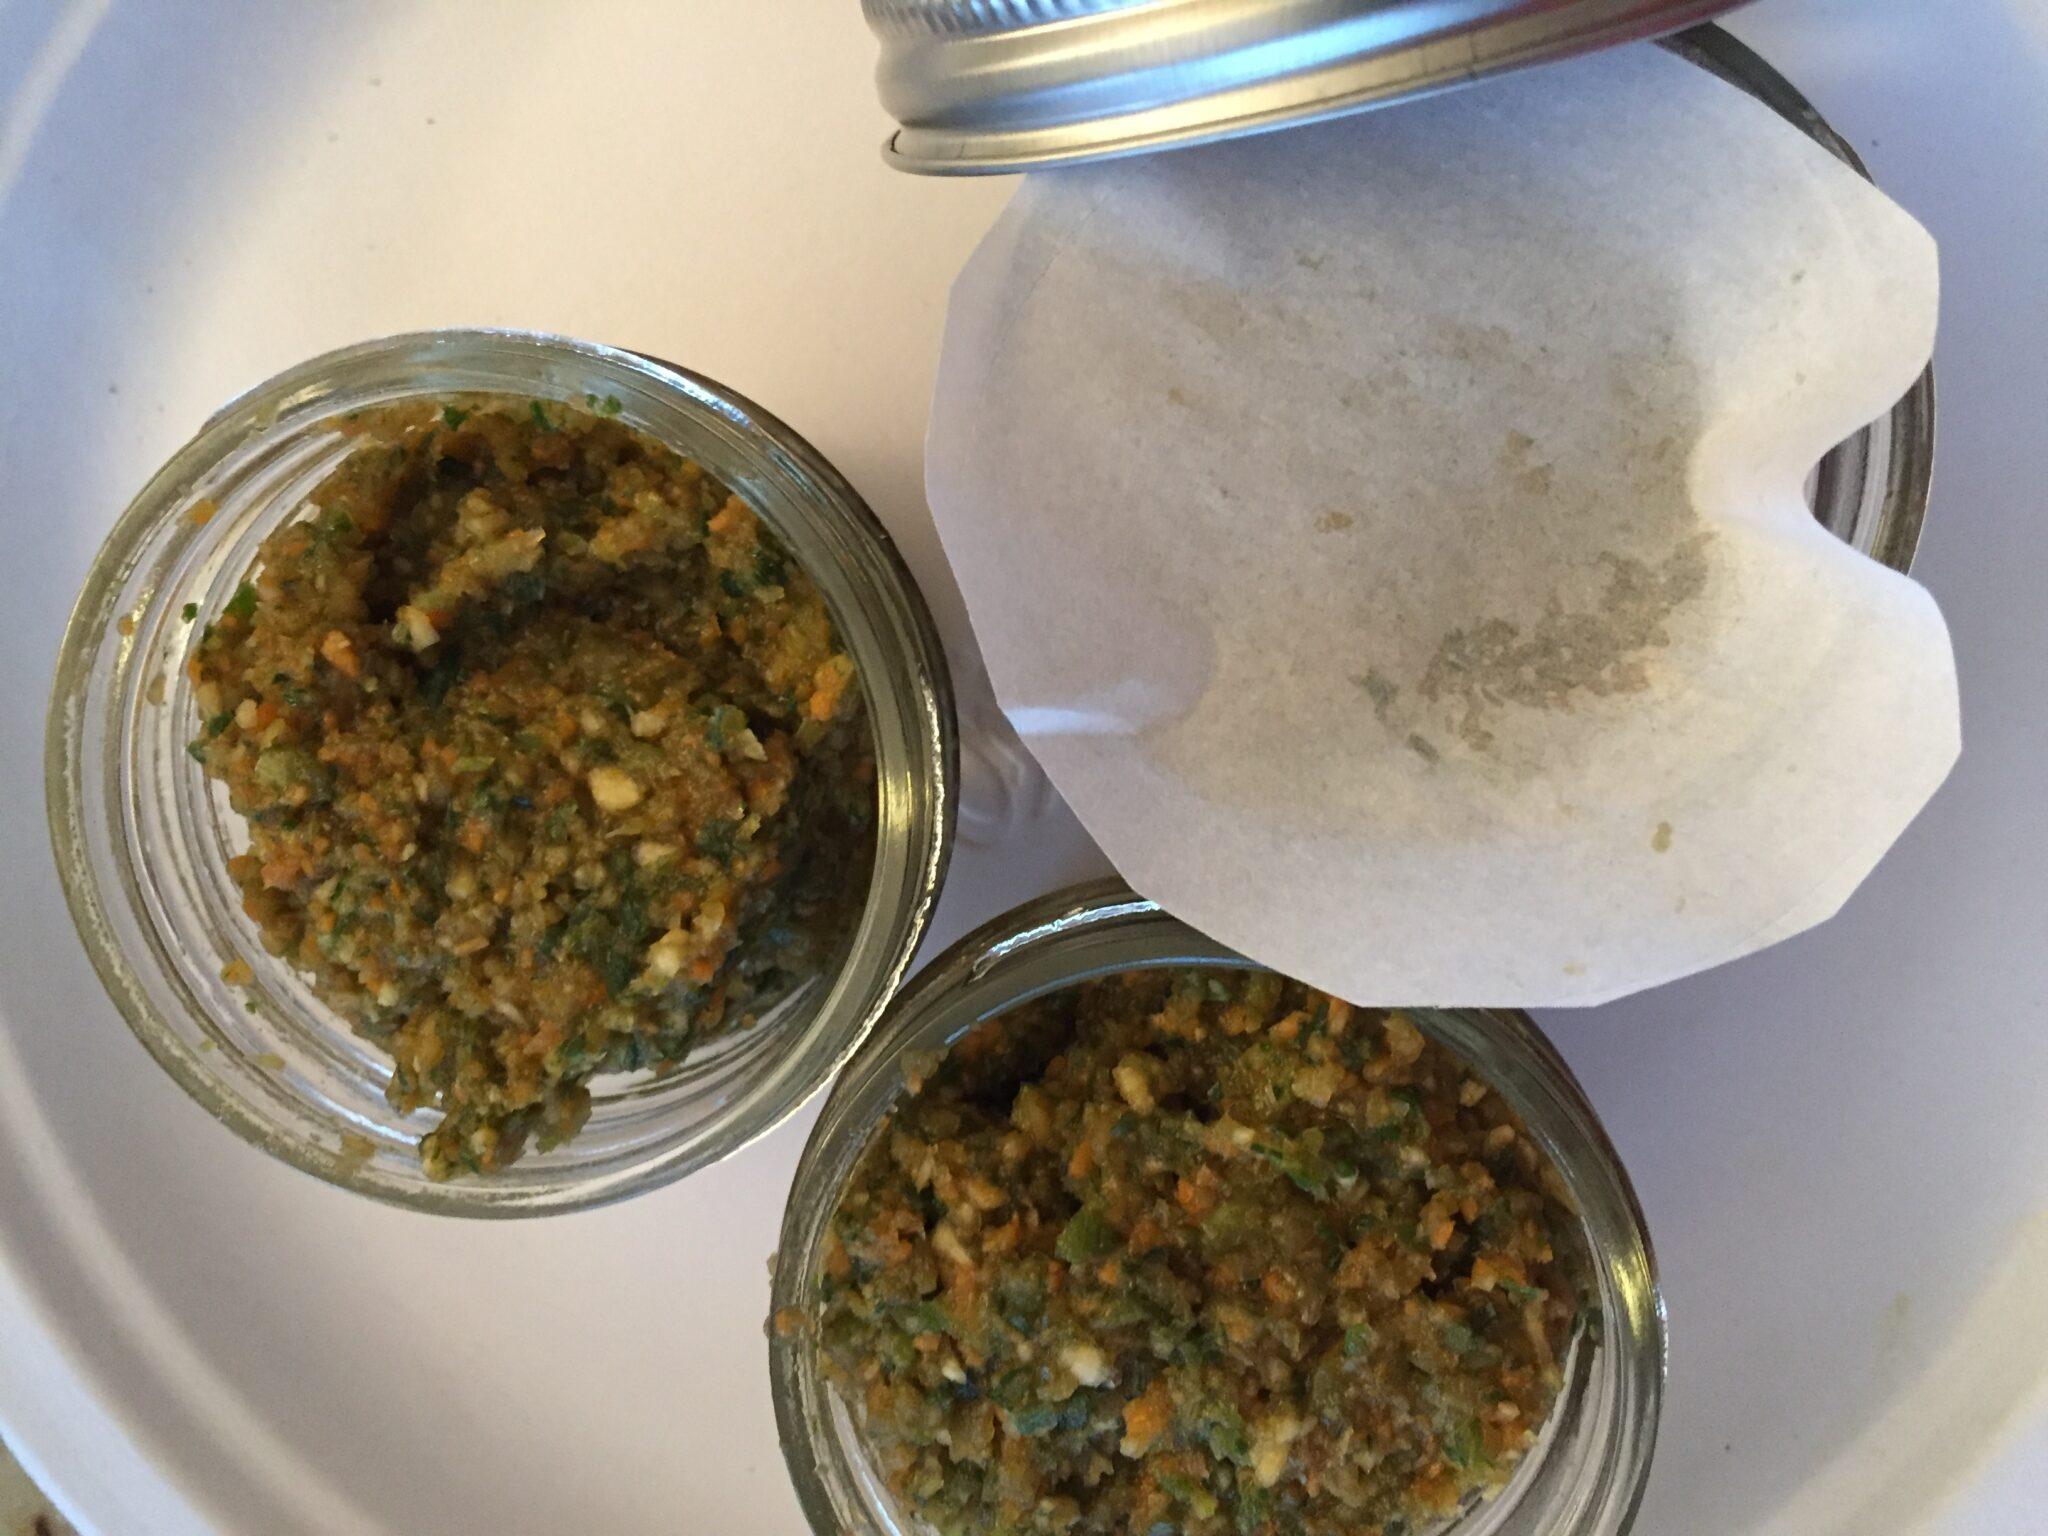 Soup-er Mix Vegetable Bouillion